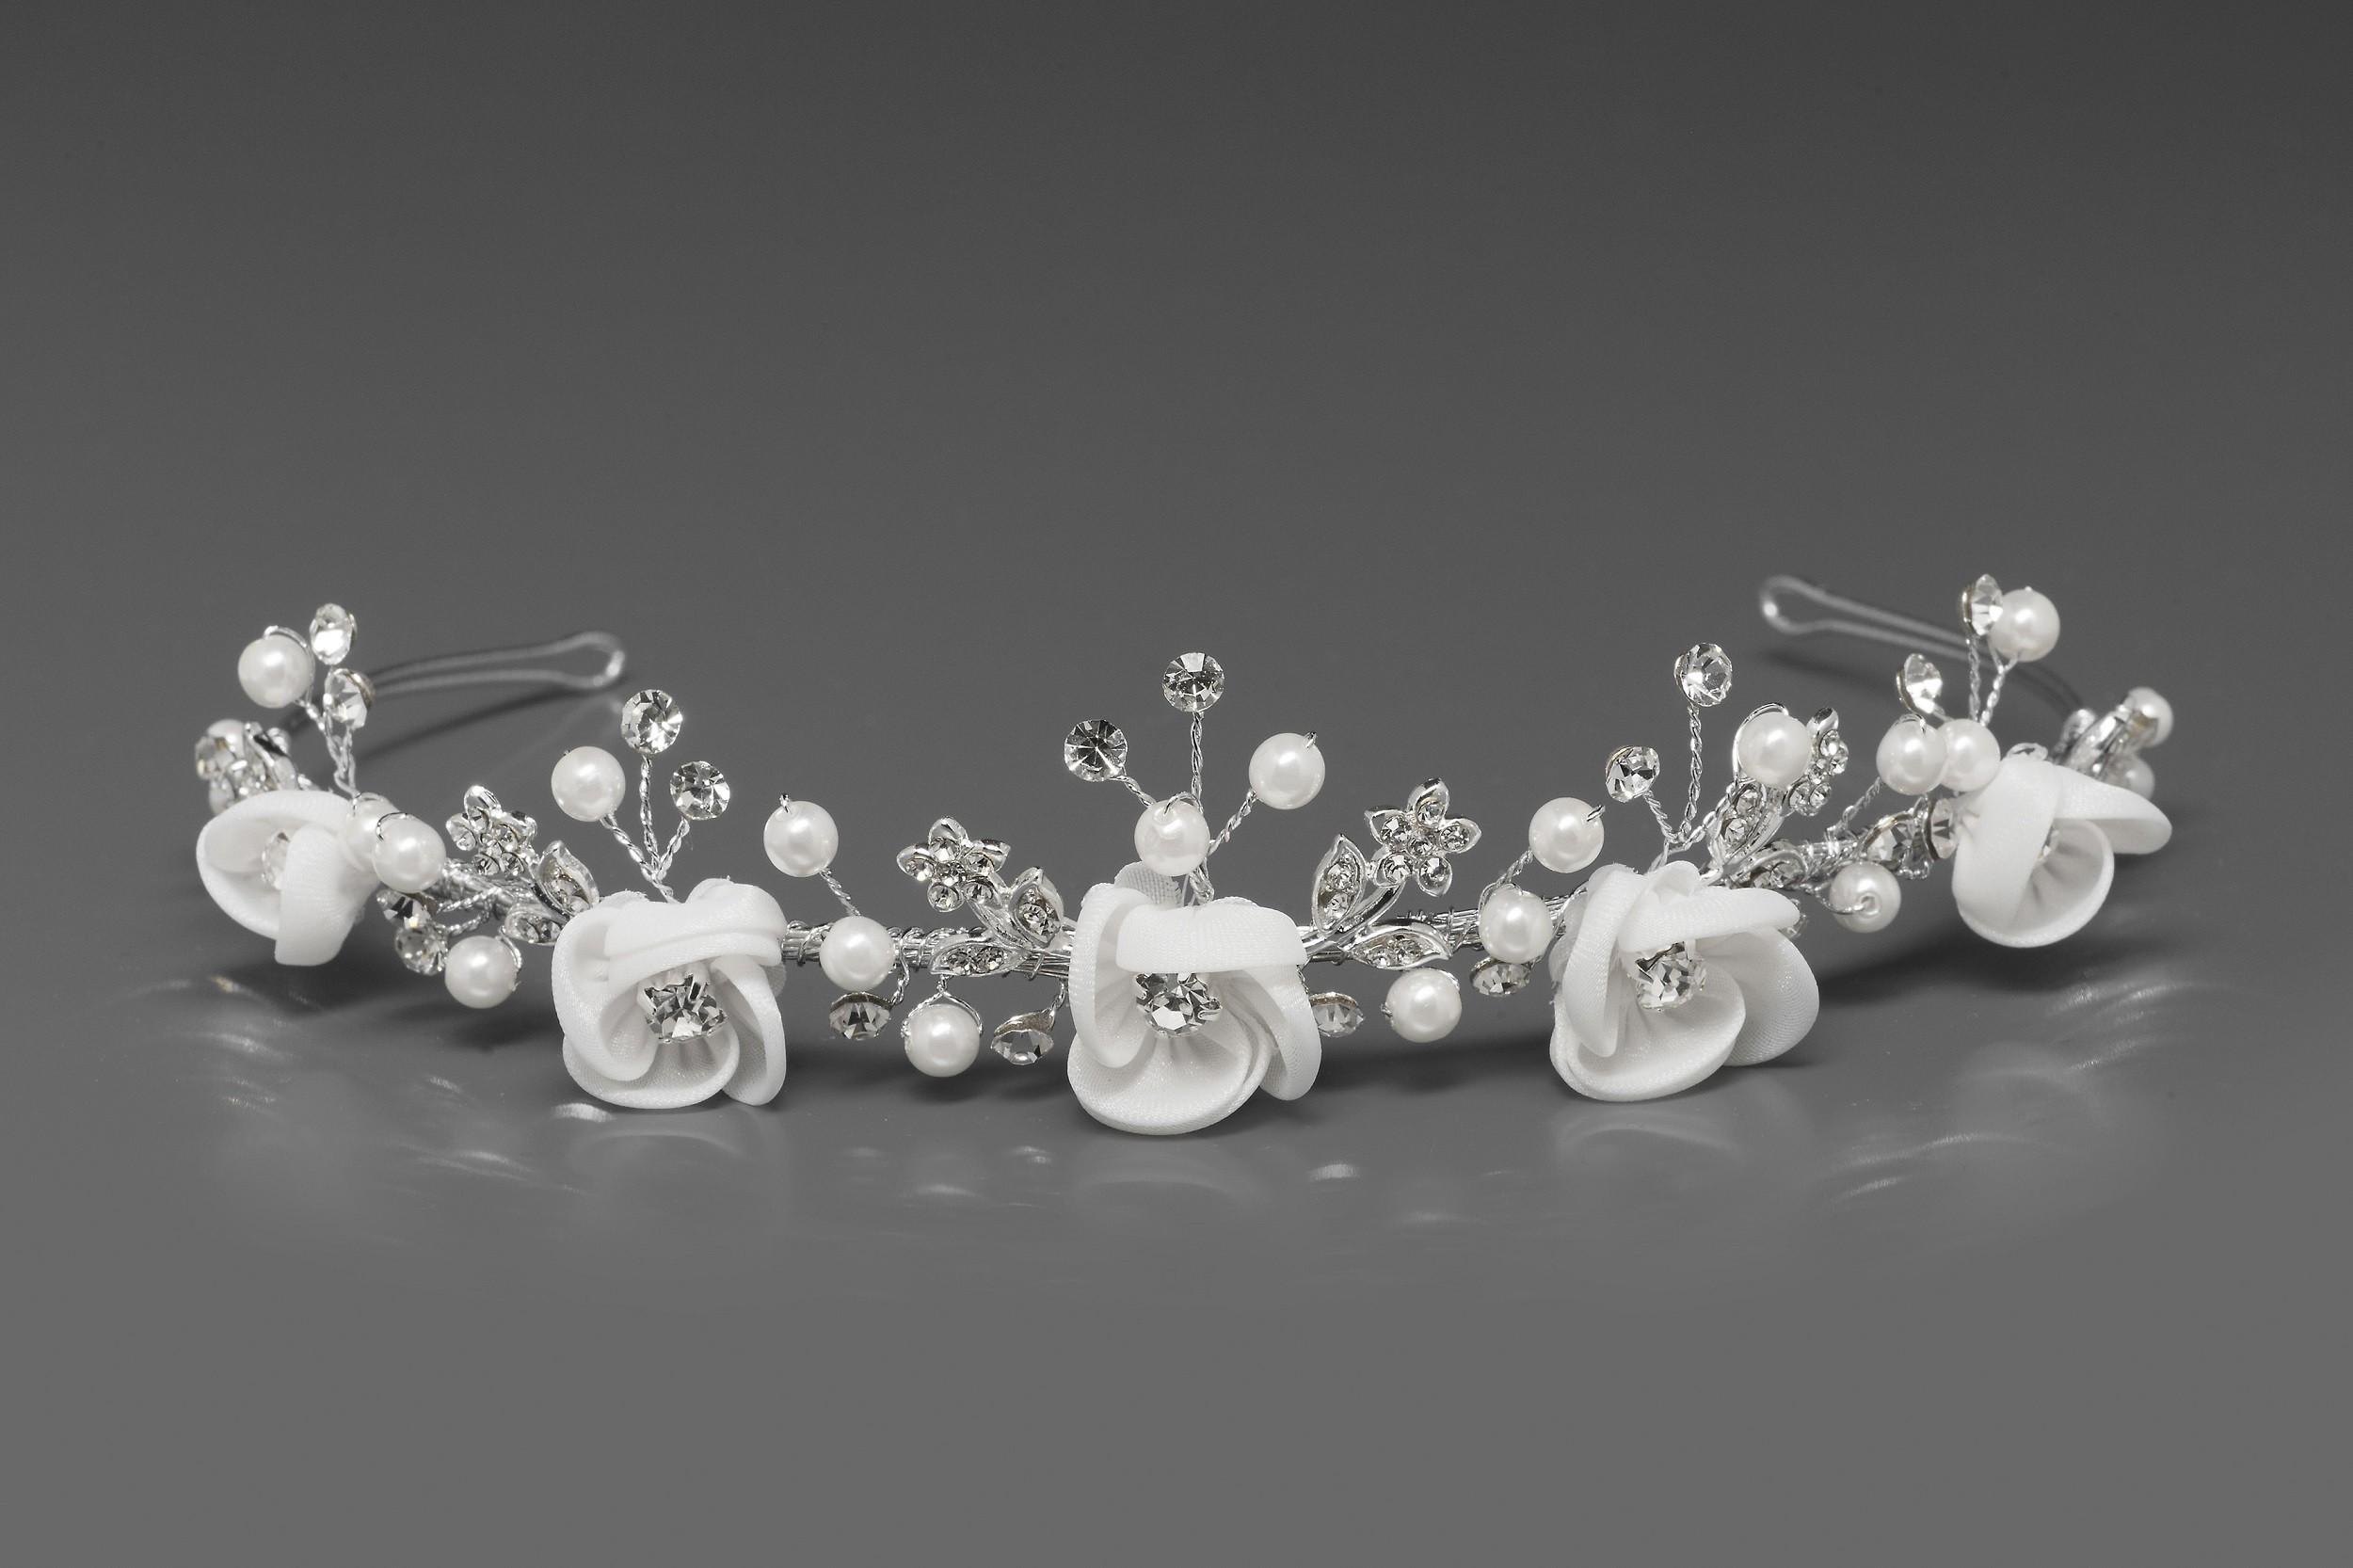 mooie tiara met satijnen bloemen parels en kristallen d38 van bianco evento online kopen. Black Bedroom Furniture Sets. Home Design Ideas